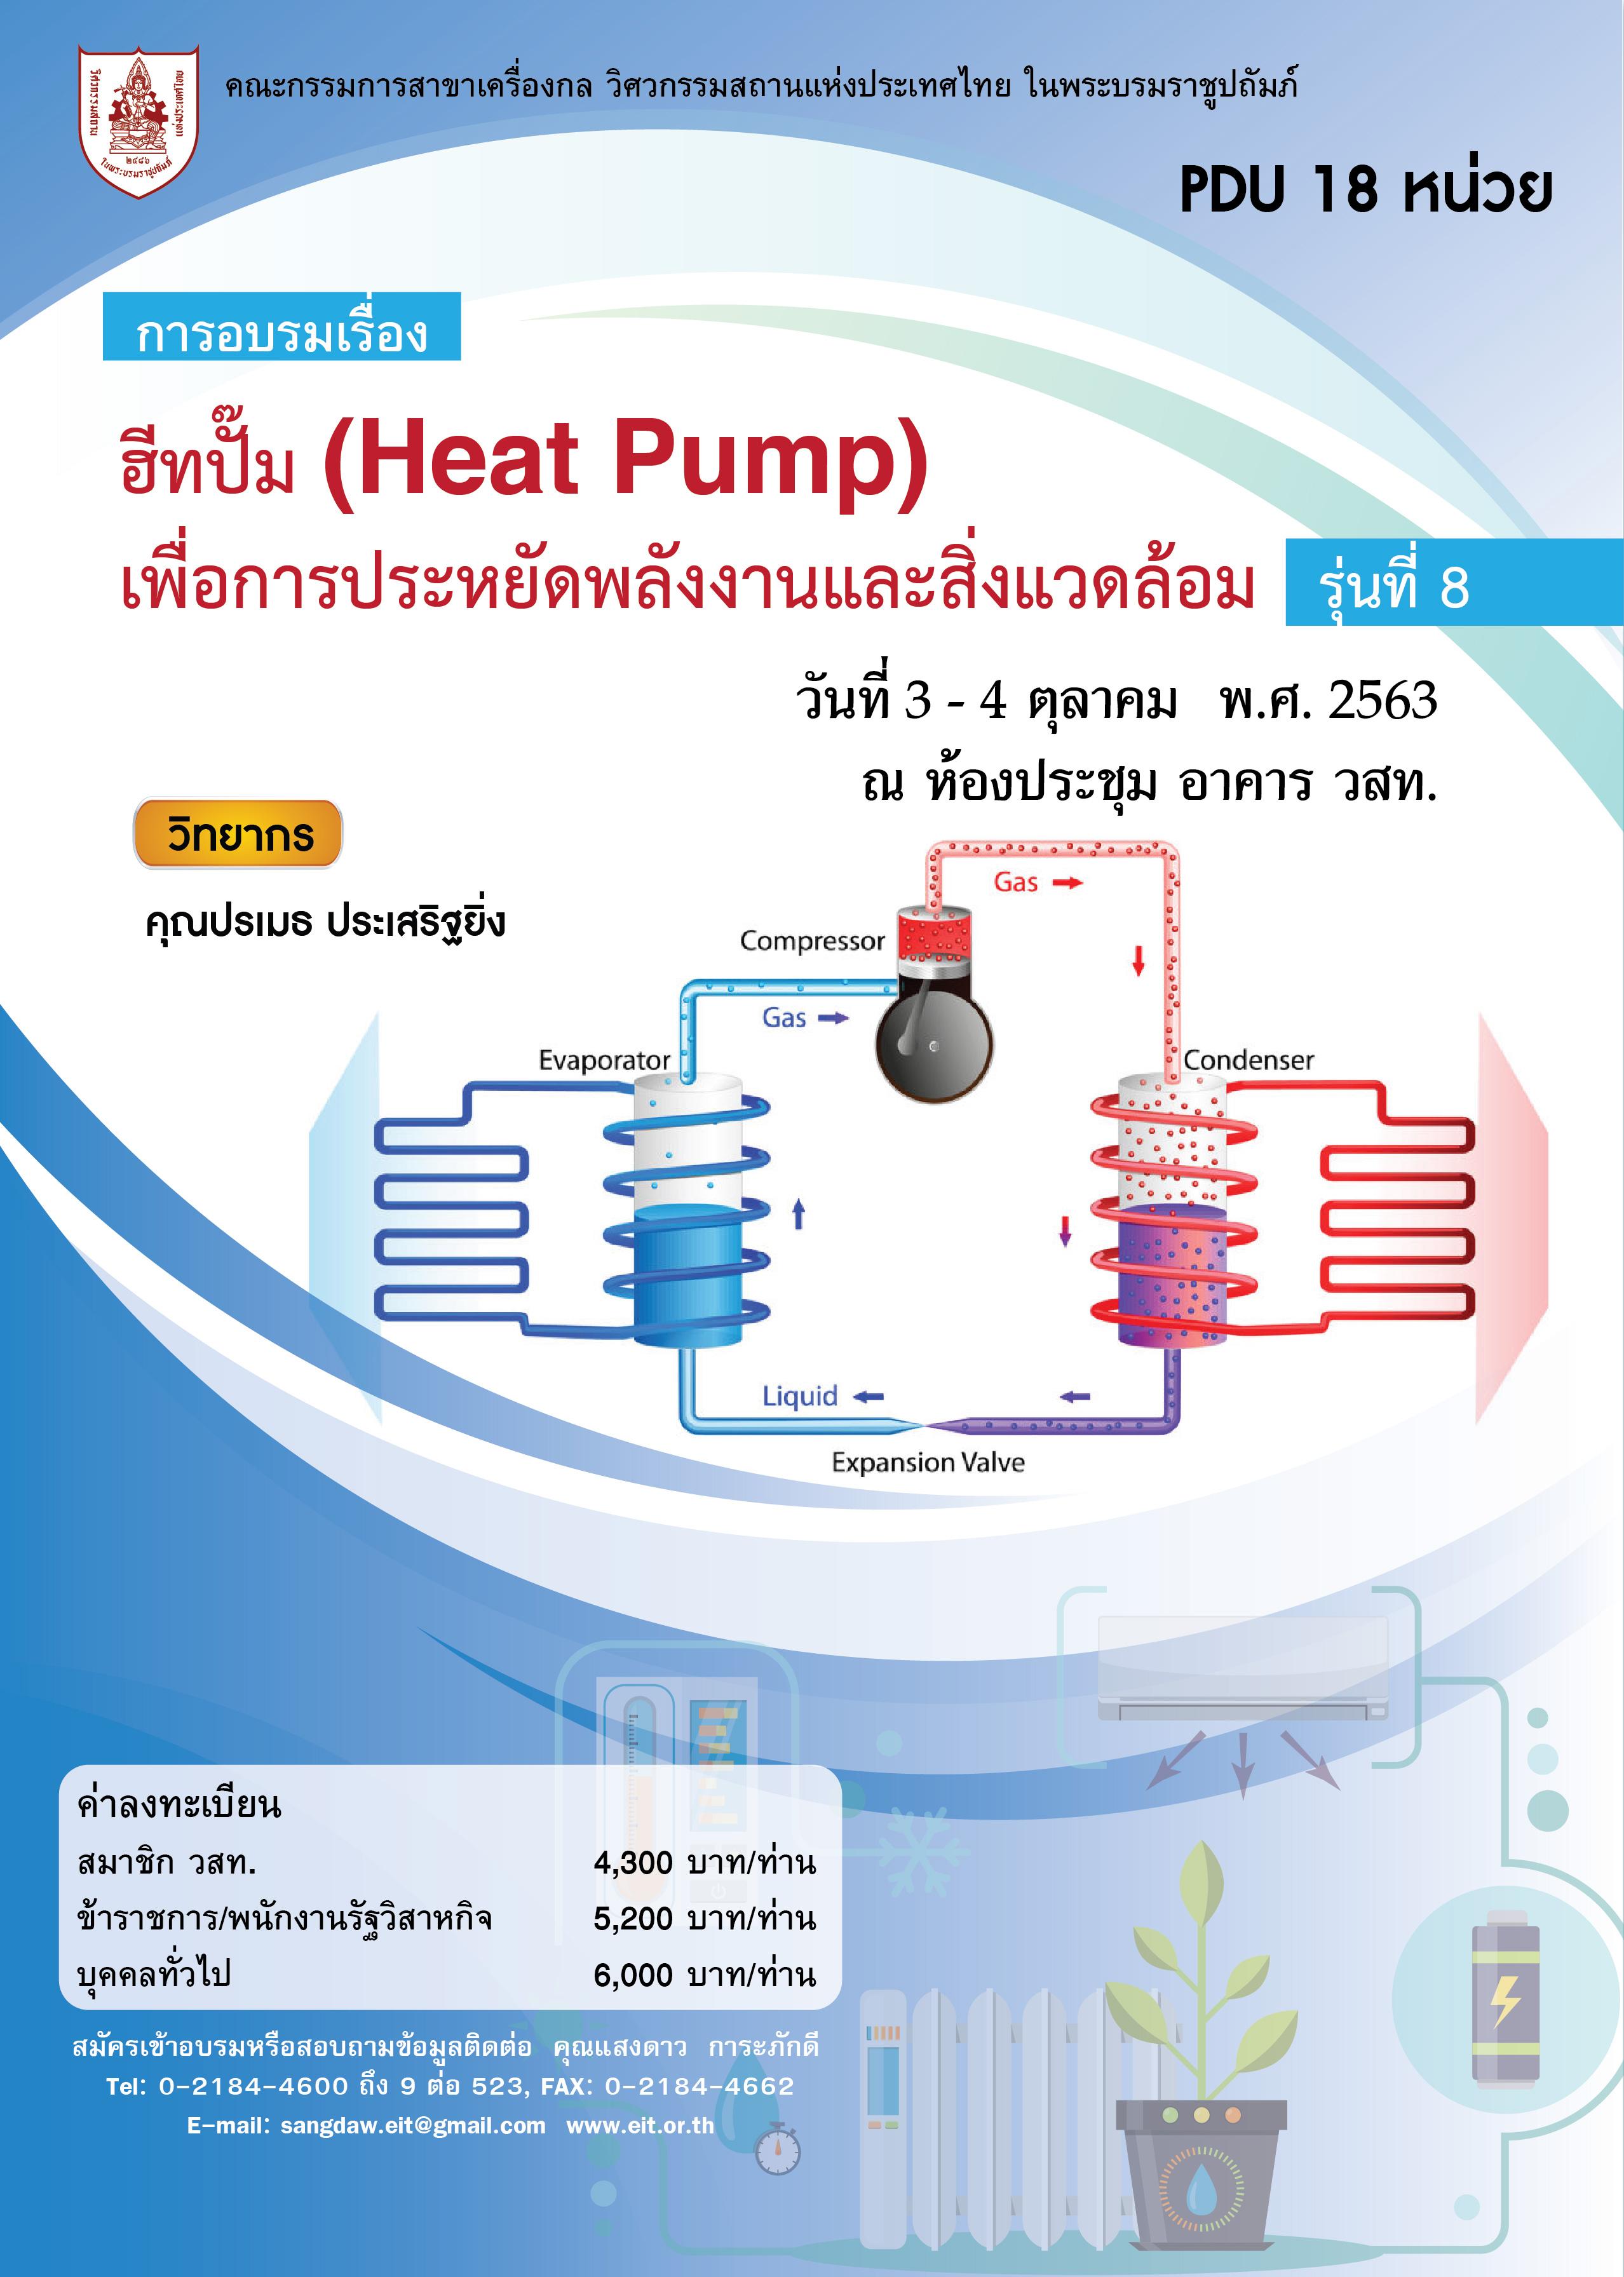 3-4/10/2563การอบรมเรื่อง  ฮีทปั๊ม (Heat Pump) เพื่อการประหยัดพลังงานและสิ่งแวดล้อม  รุ่นที่ 8  เลื่อนมาจากวันที่ 2-3 กันยายน 2563